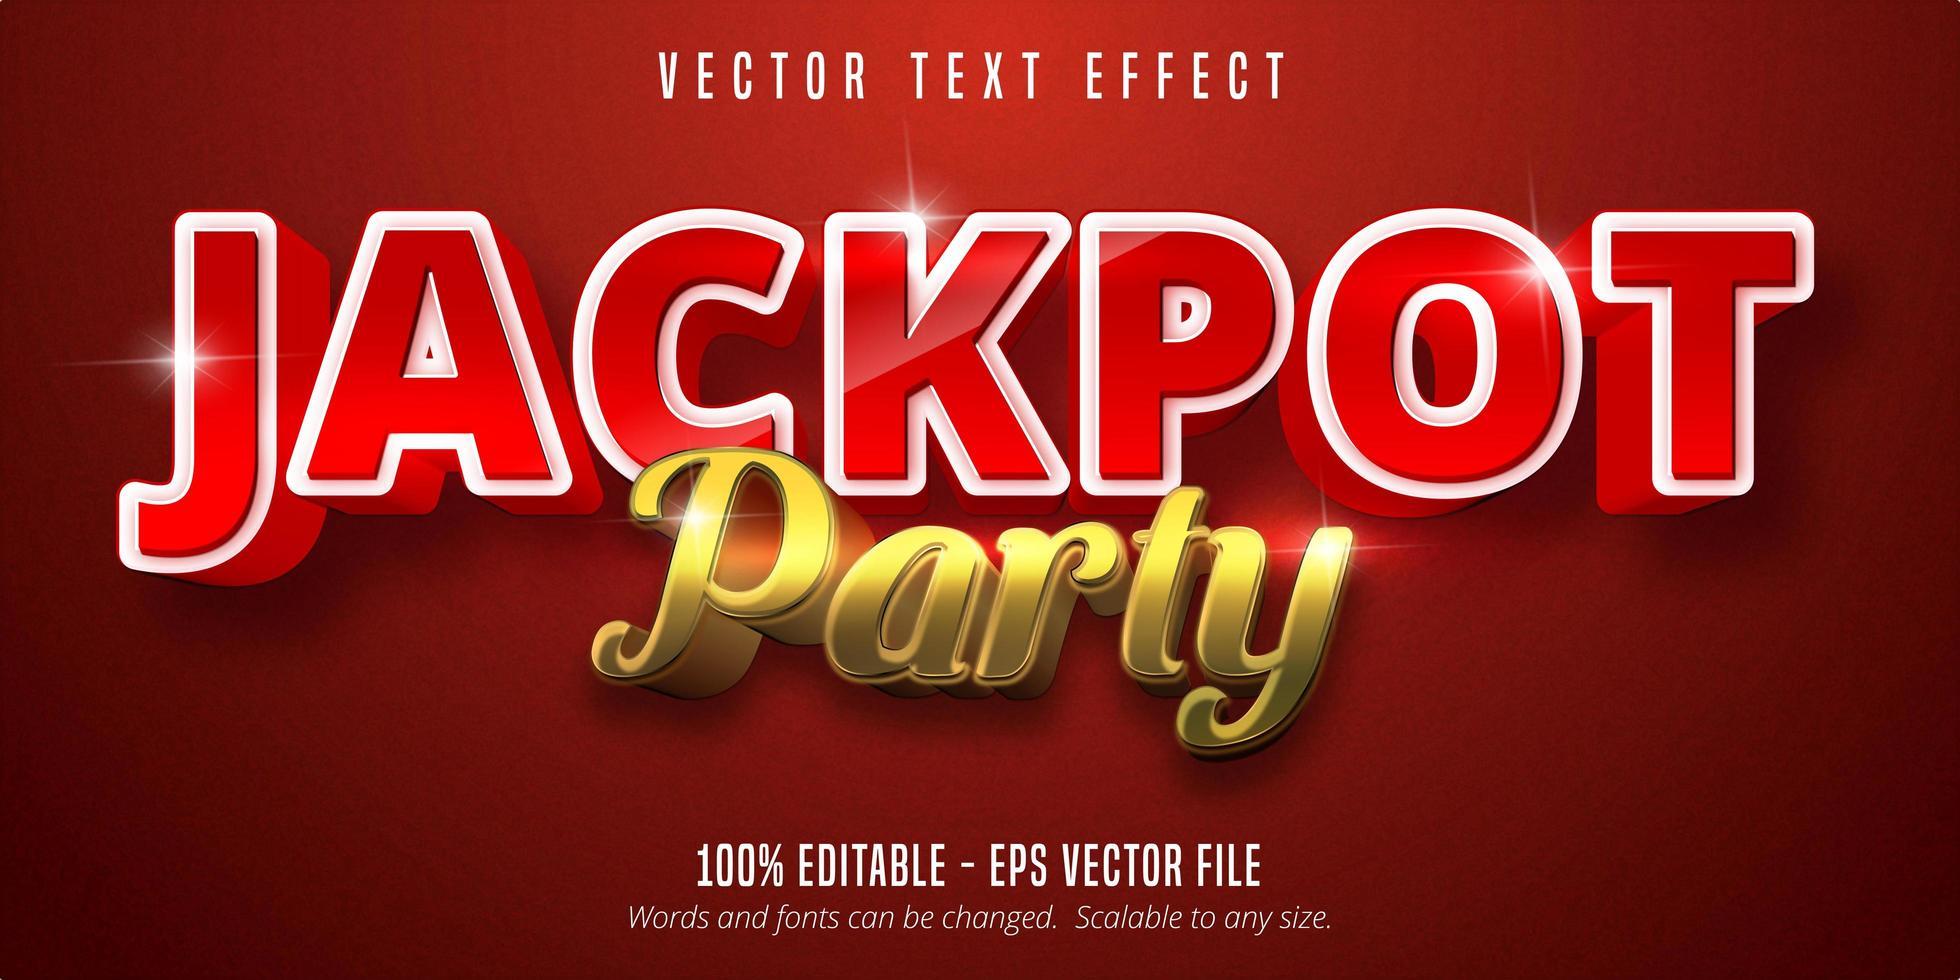 jackpot prijsstijl, bewerkbaar teksteffect vector